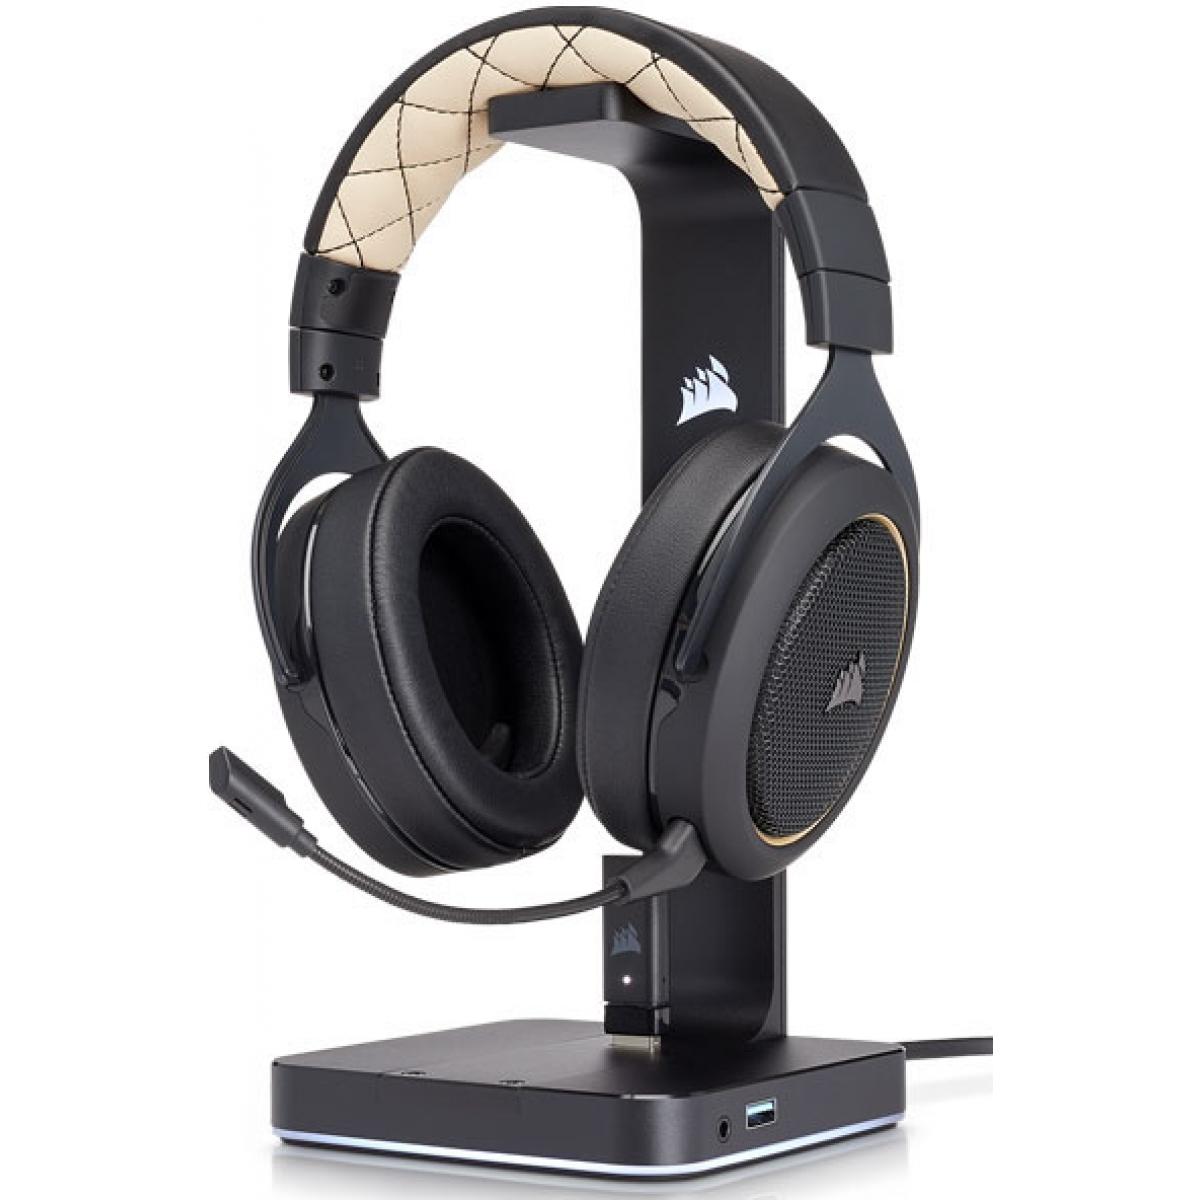 Headset Gamer Corsair HS70 Wireless 7.1 USB CA-9011178-NA Preto - Open Box